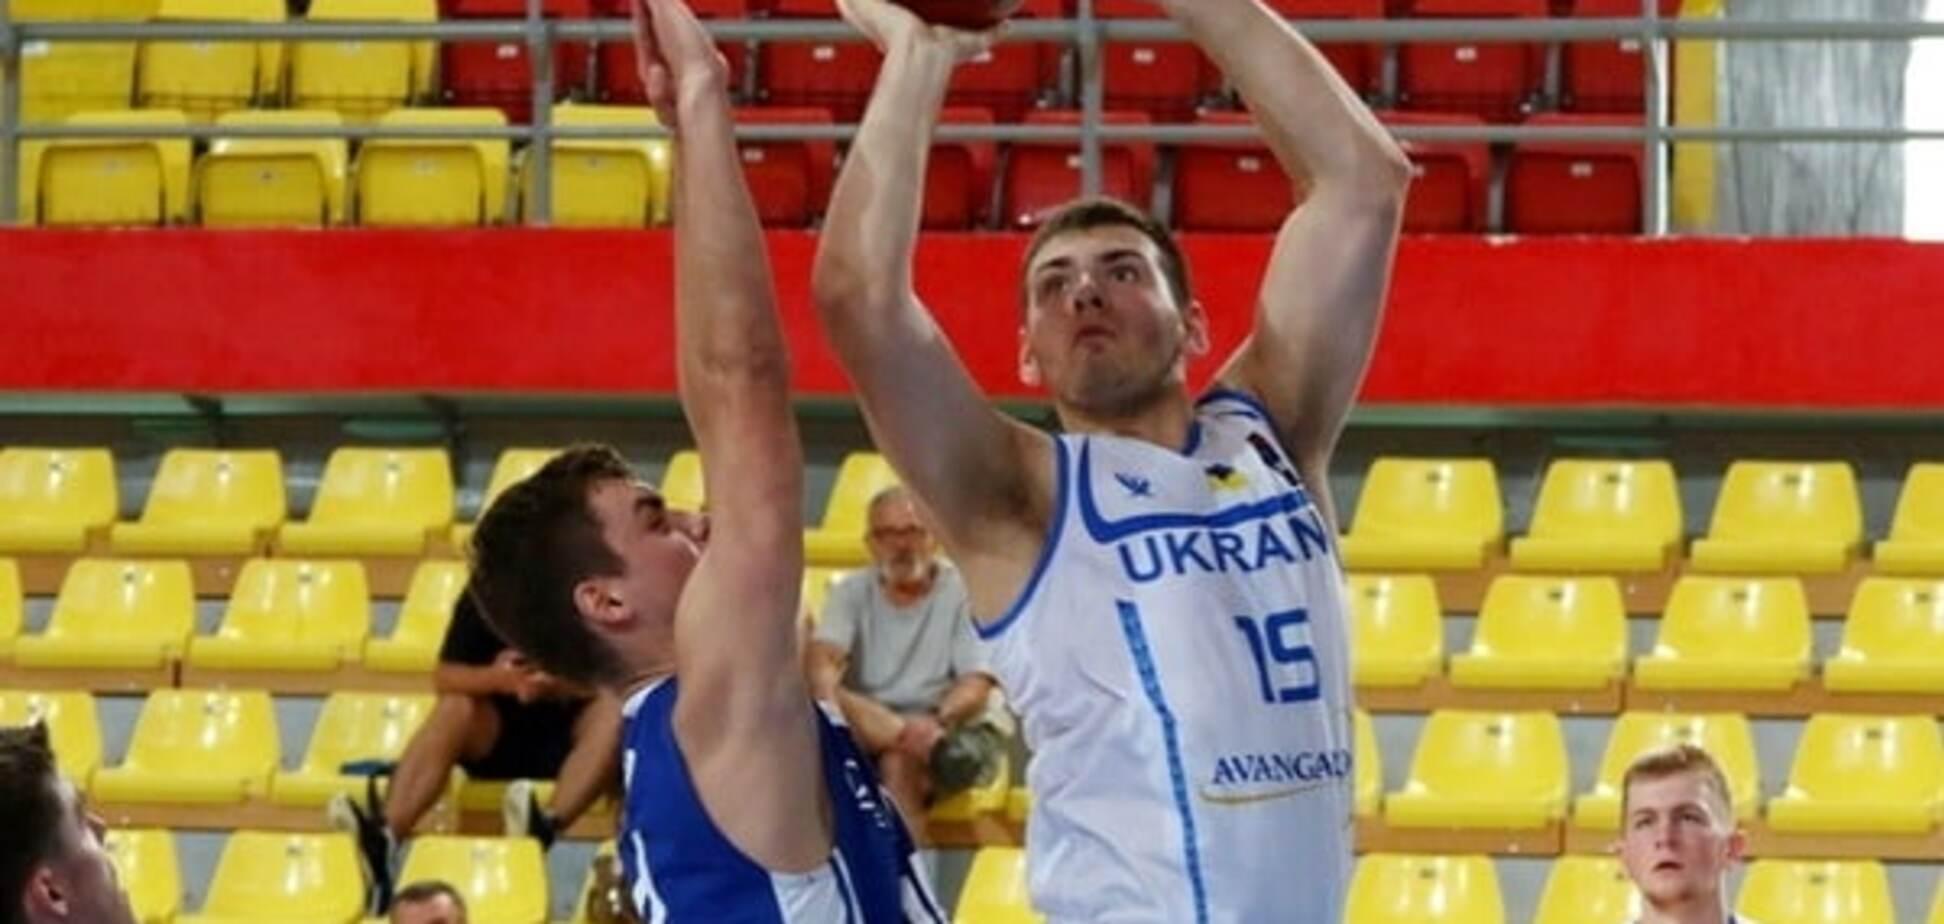 Украина вышла в финал Евробаскета и завоевала путевку в дивизион А